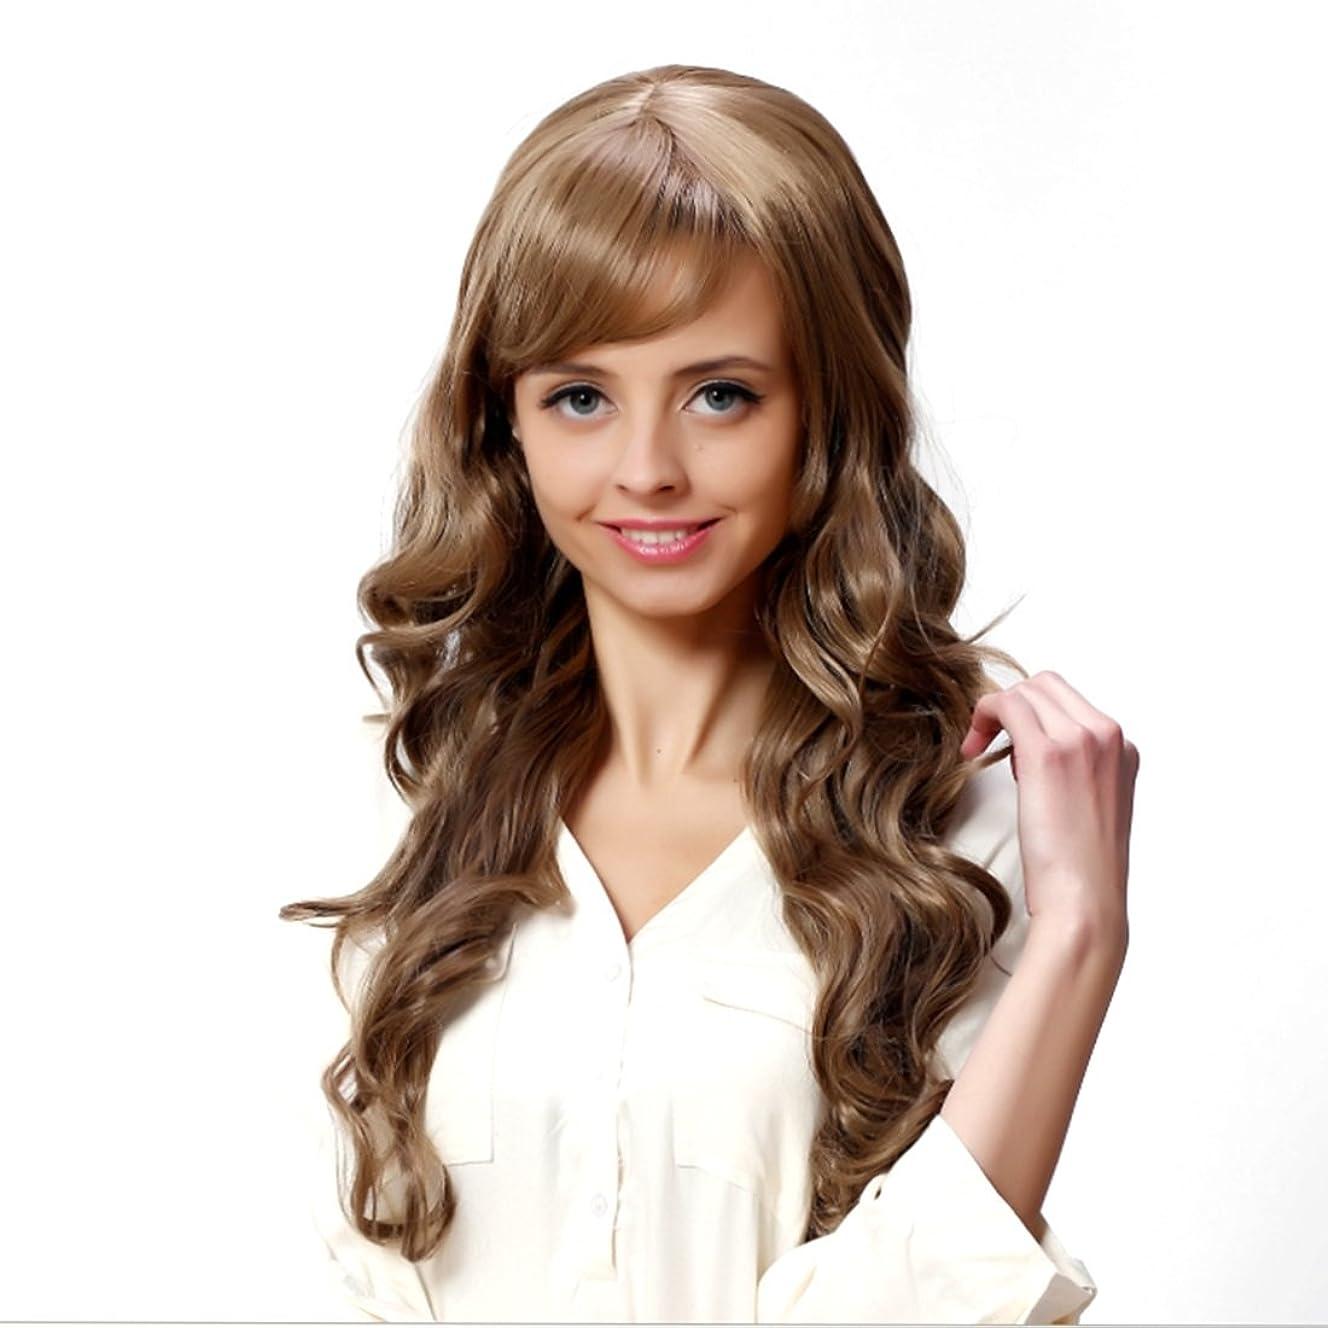 敵意便利さ寄託Koloeplf 女性のための現実的な大きな波状の長い縮毛のかつらフルサイズの頭のカーリーヘアフラフリな梨のフラワーウィッグ修正された顔の長さ21inch / 22inch(ブラウンブラック/ベージュ)のための斜めバンズウィッグ (Color : ブラウン)